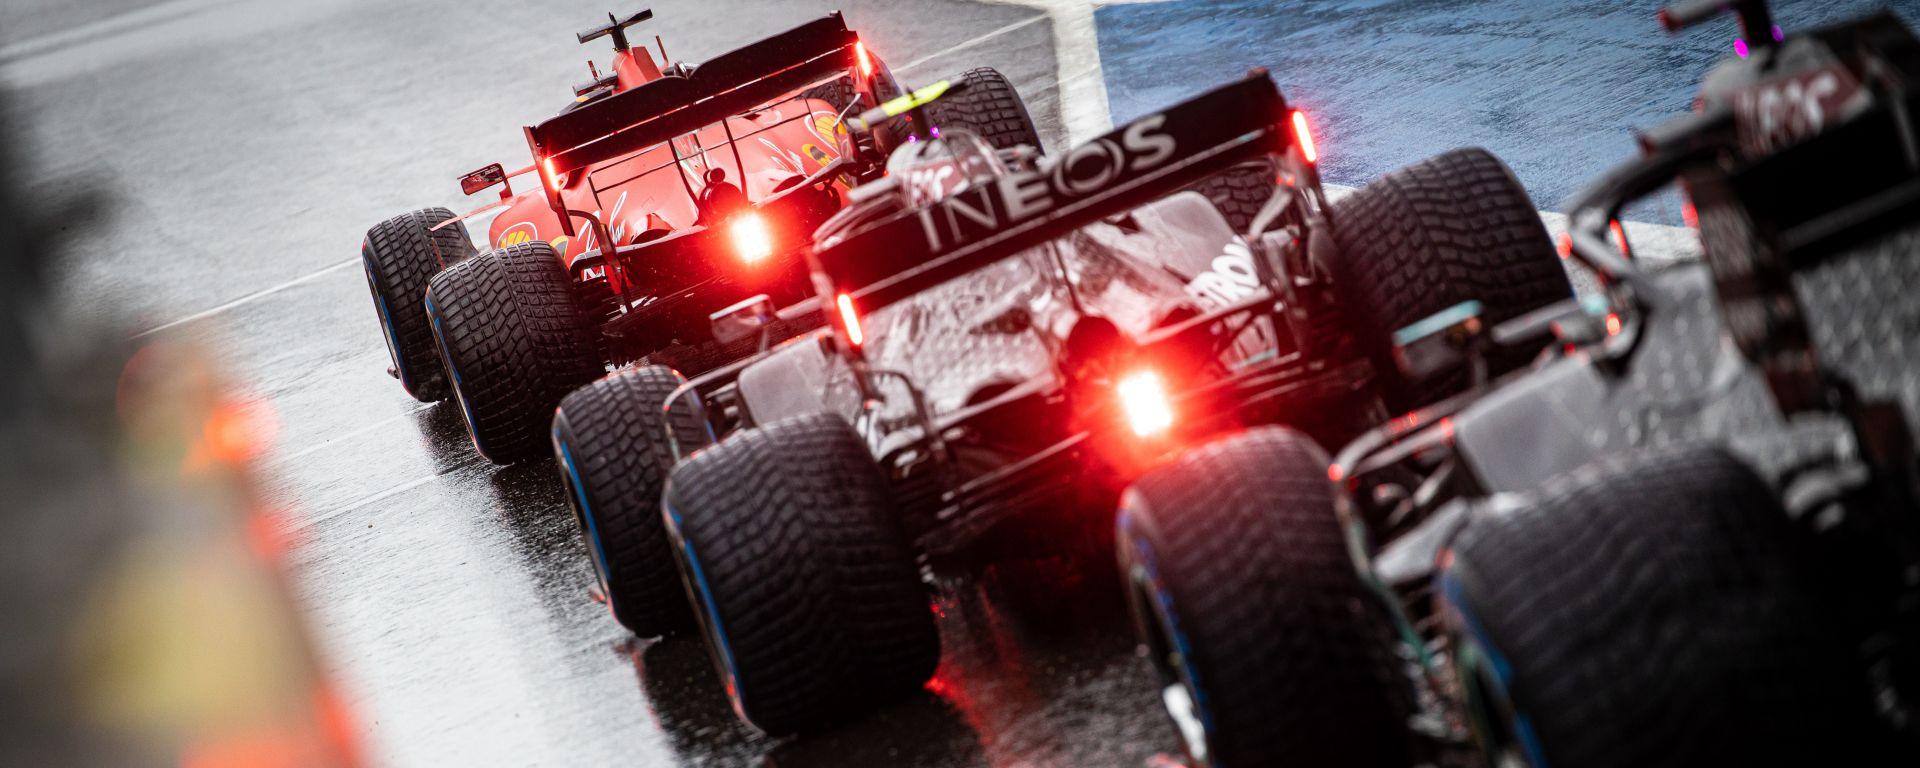 F1 GP Stiria 2020, Red Bull Ring: Ferrari e Mercedes in attesa del via delle qualifiche sul bagnato